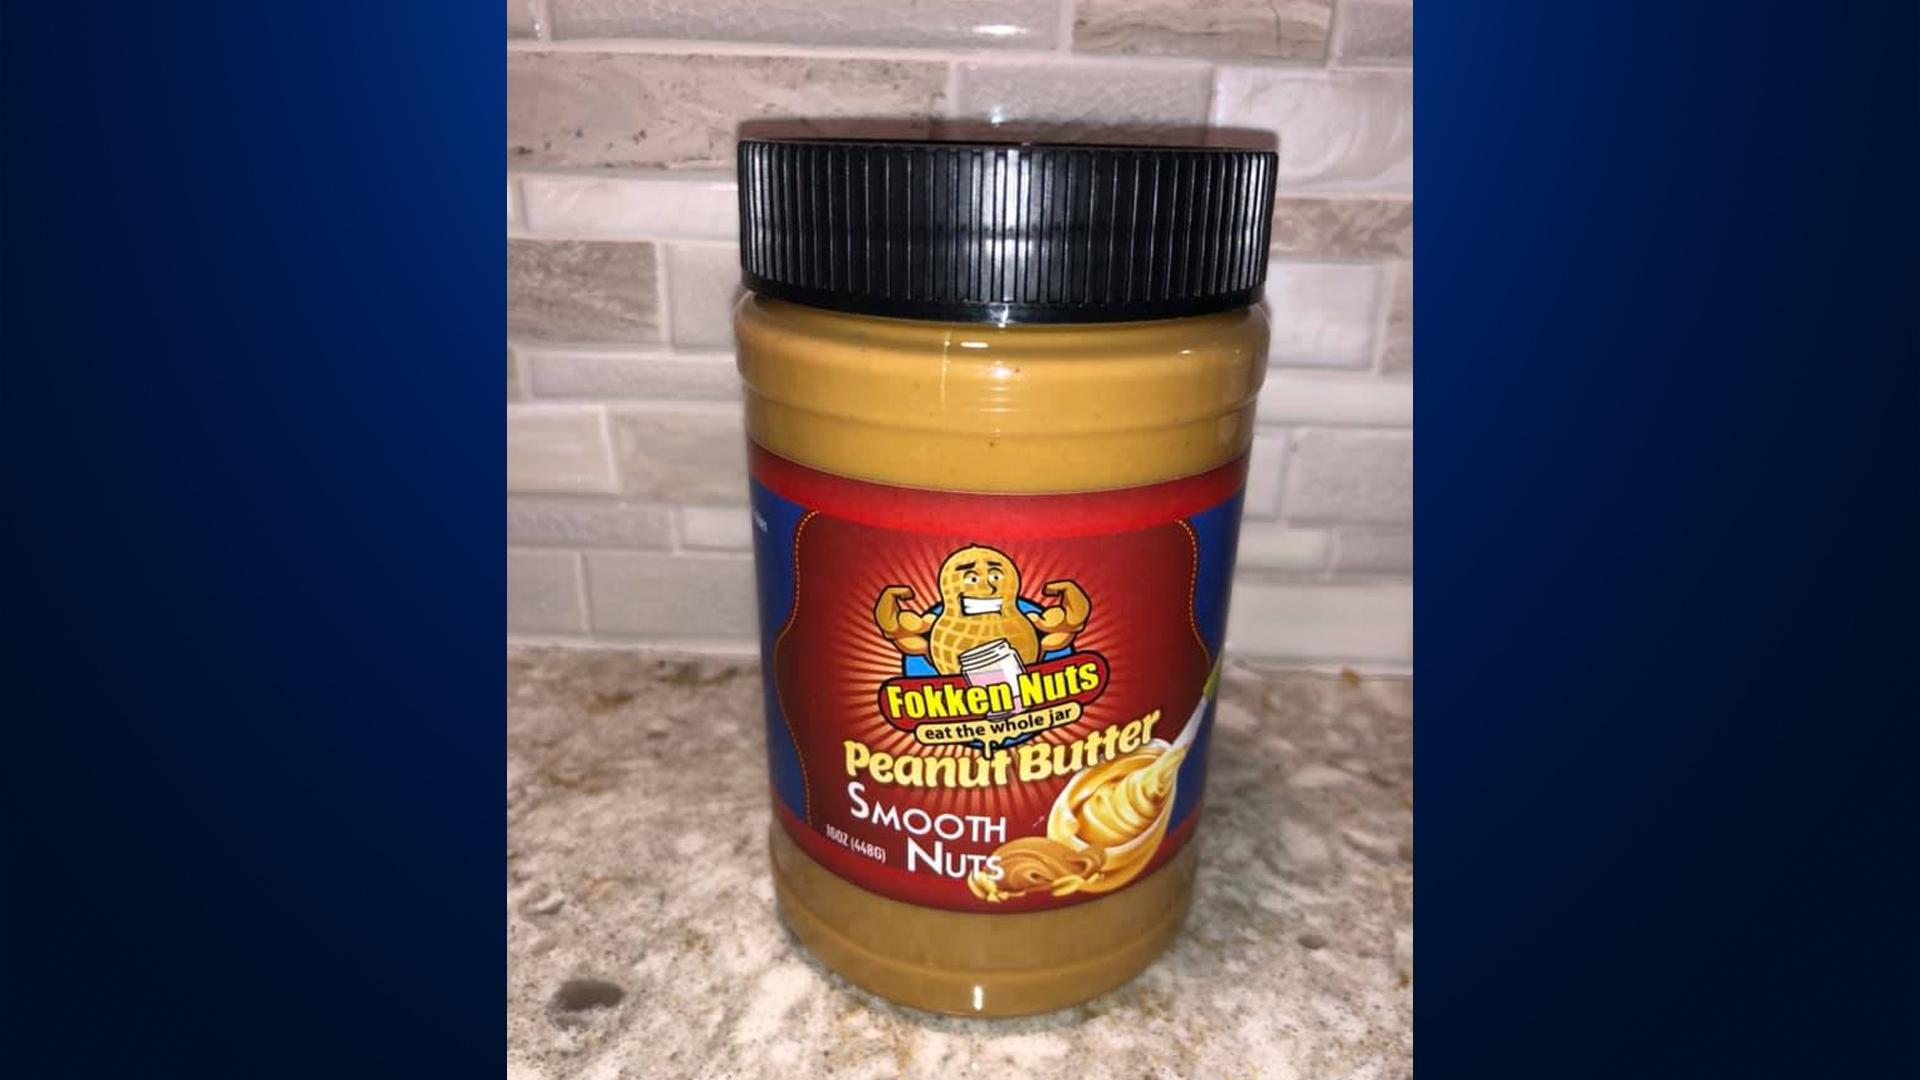 KELO Fokken Nuts peanut butter